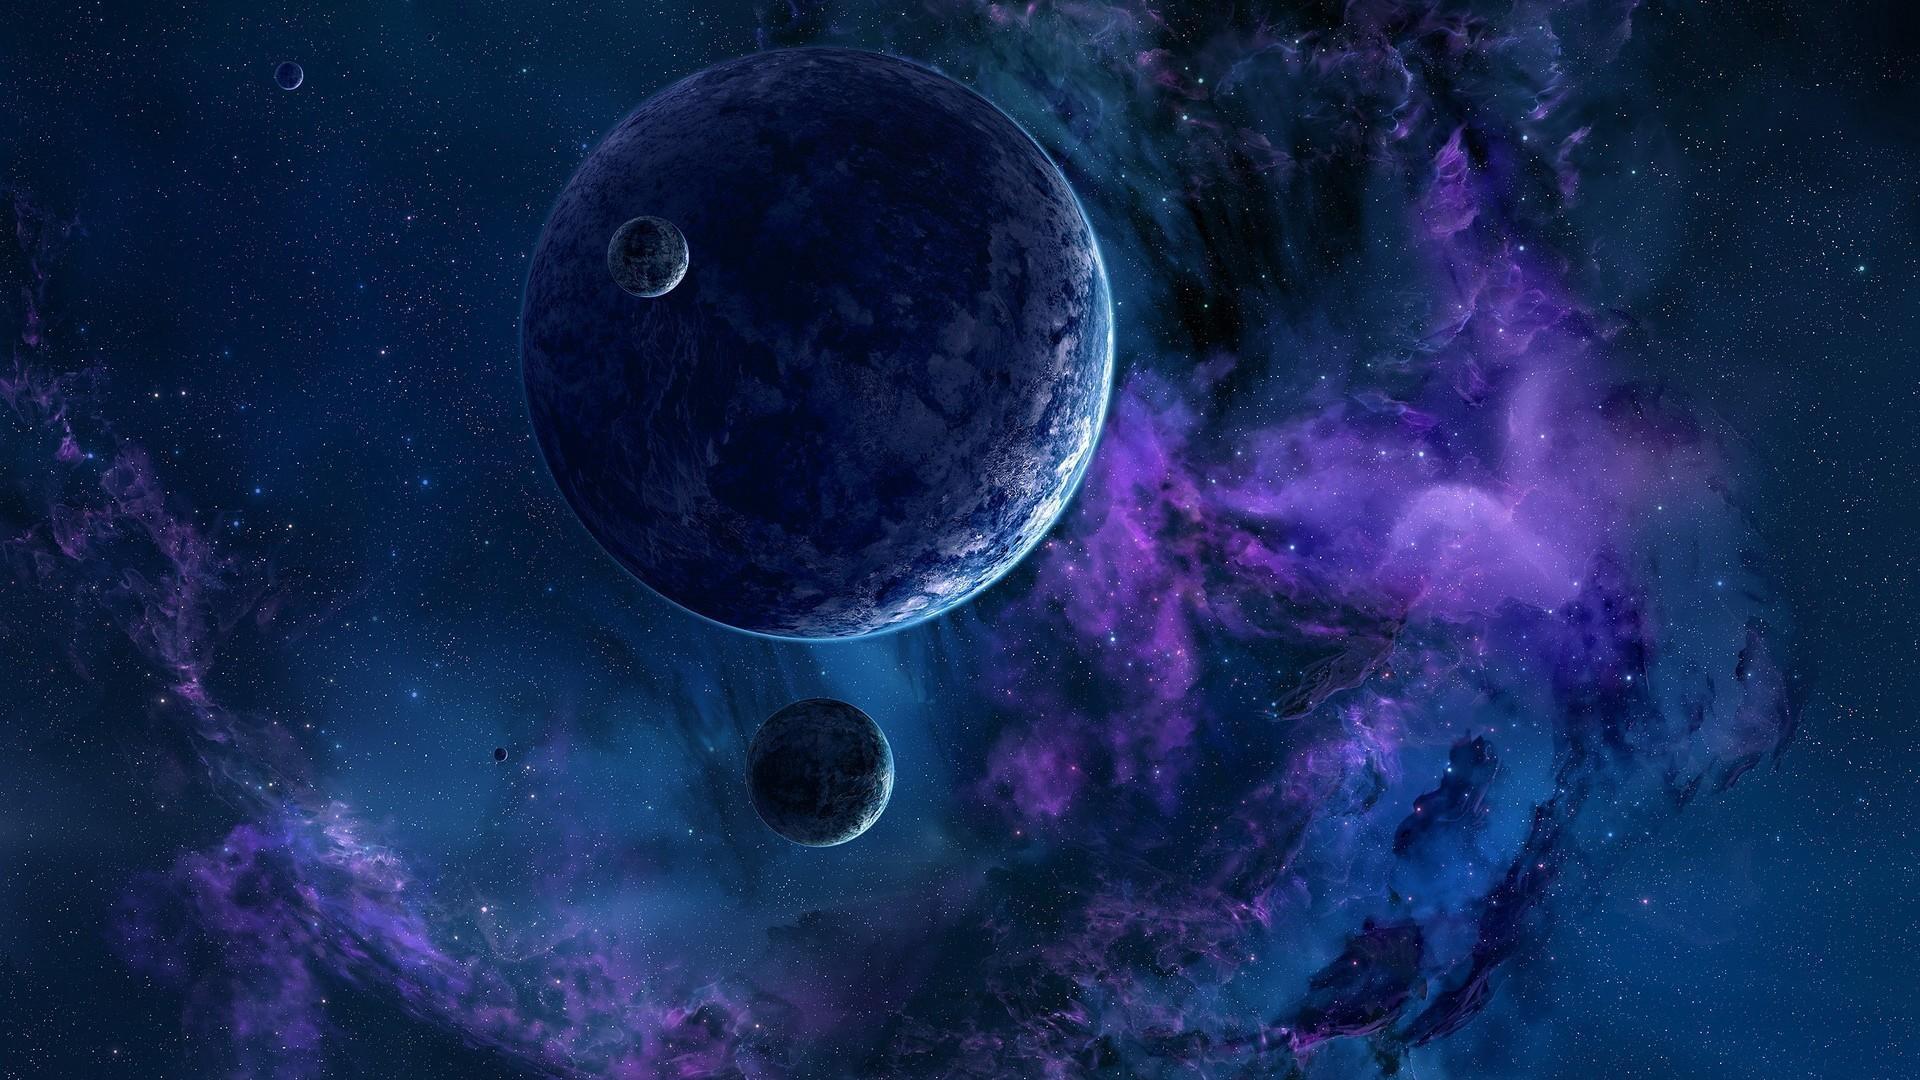 Download wallpaper 1920x1080 planets stars nebula - 1080p nebula wallpaper ...